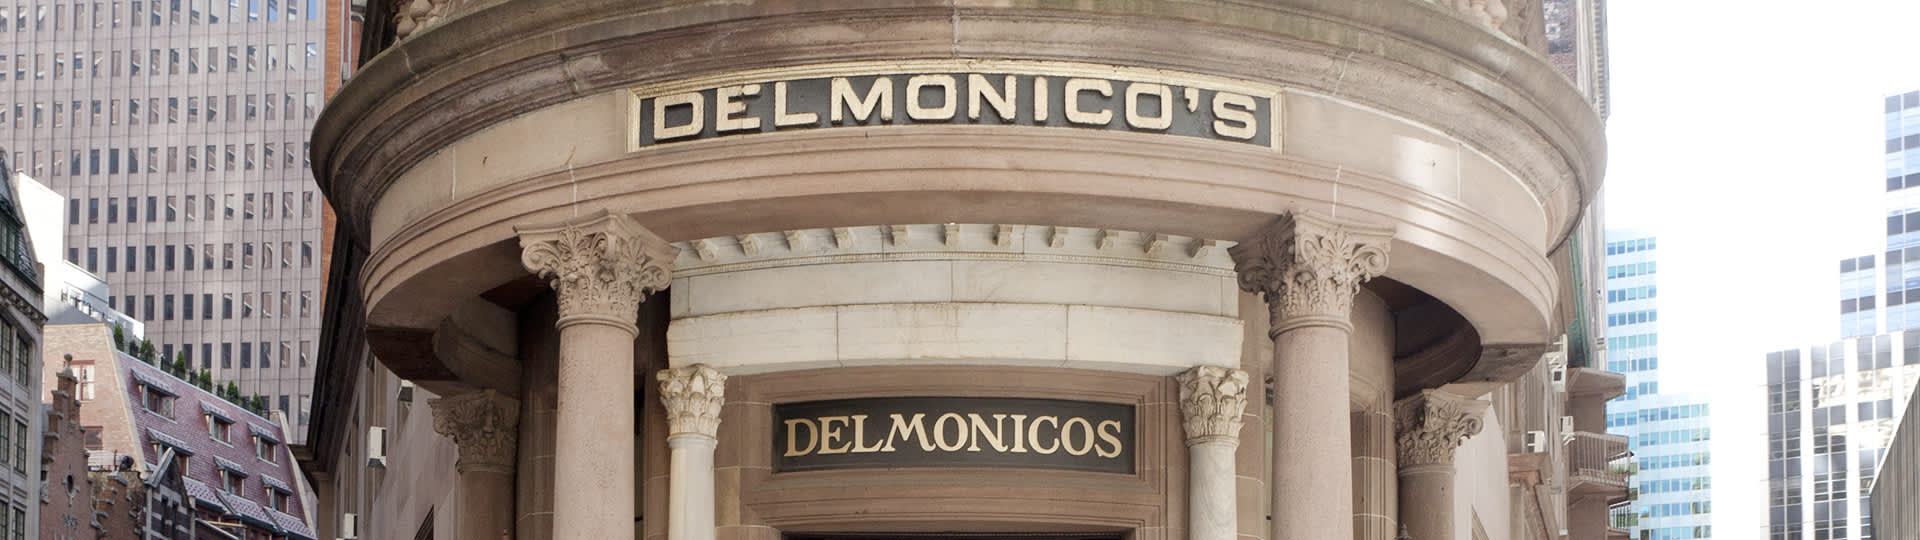 delmonico's